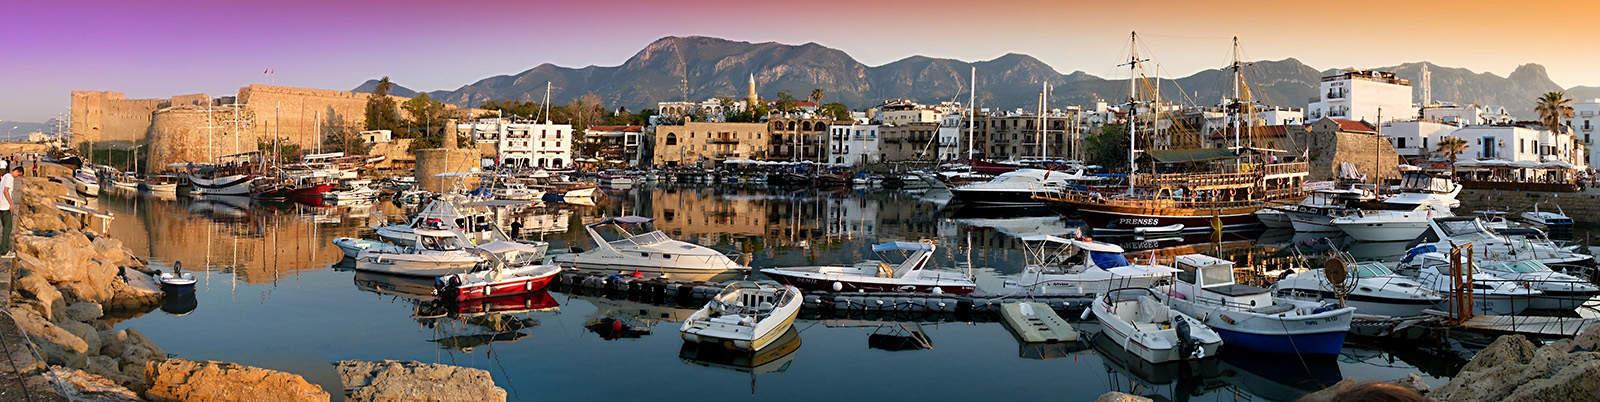 Kıbrıs Girne'ye Dair Her şey